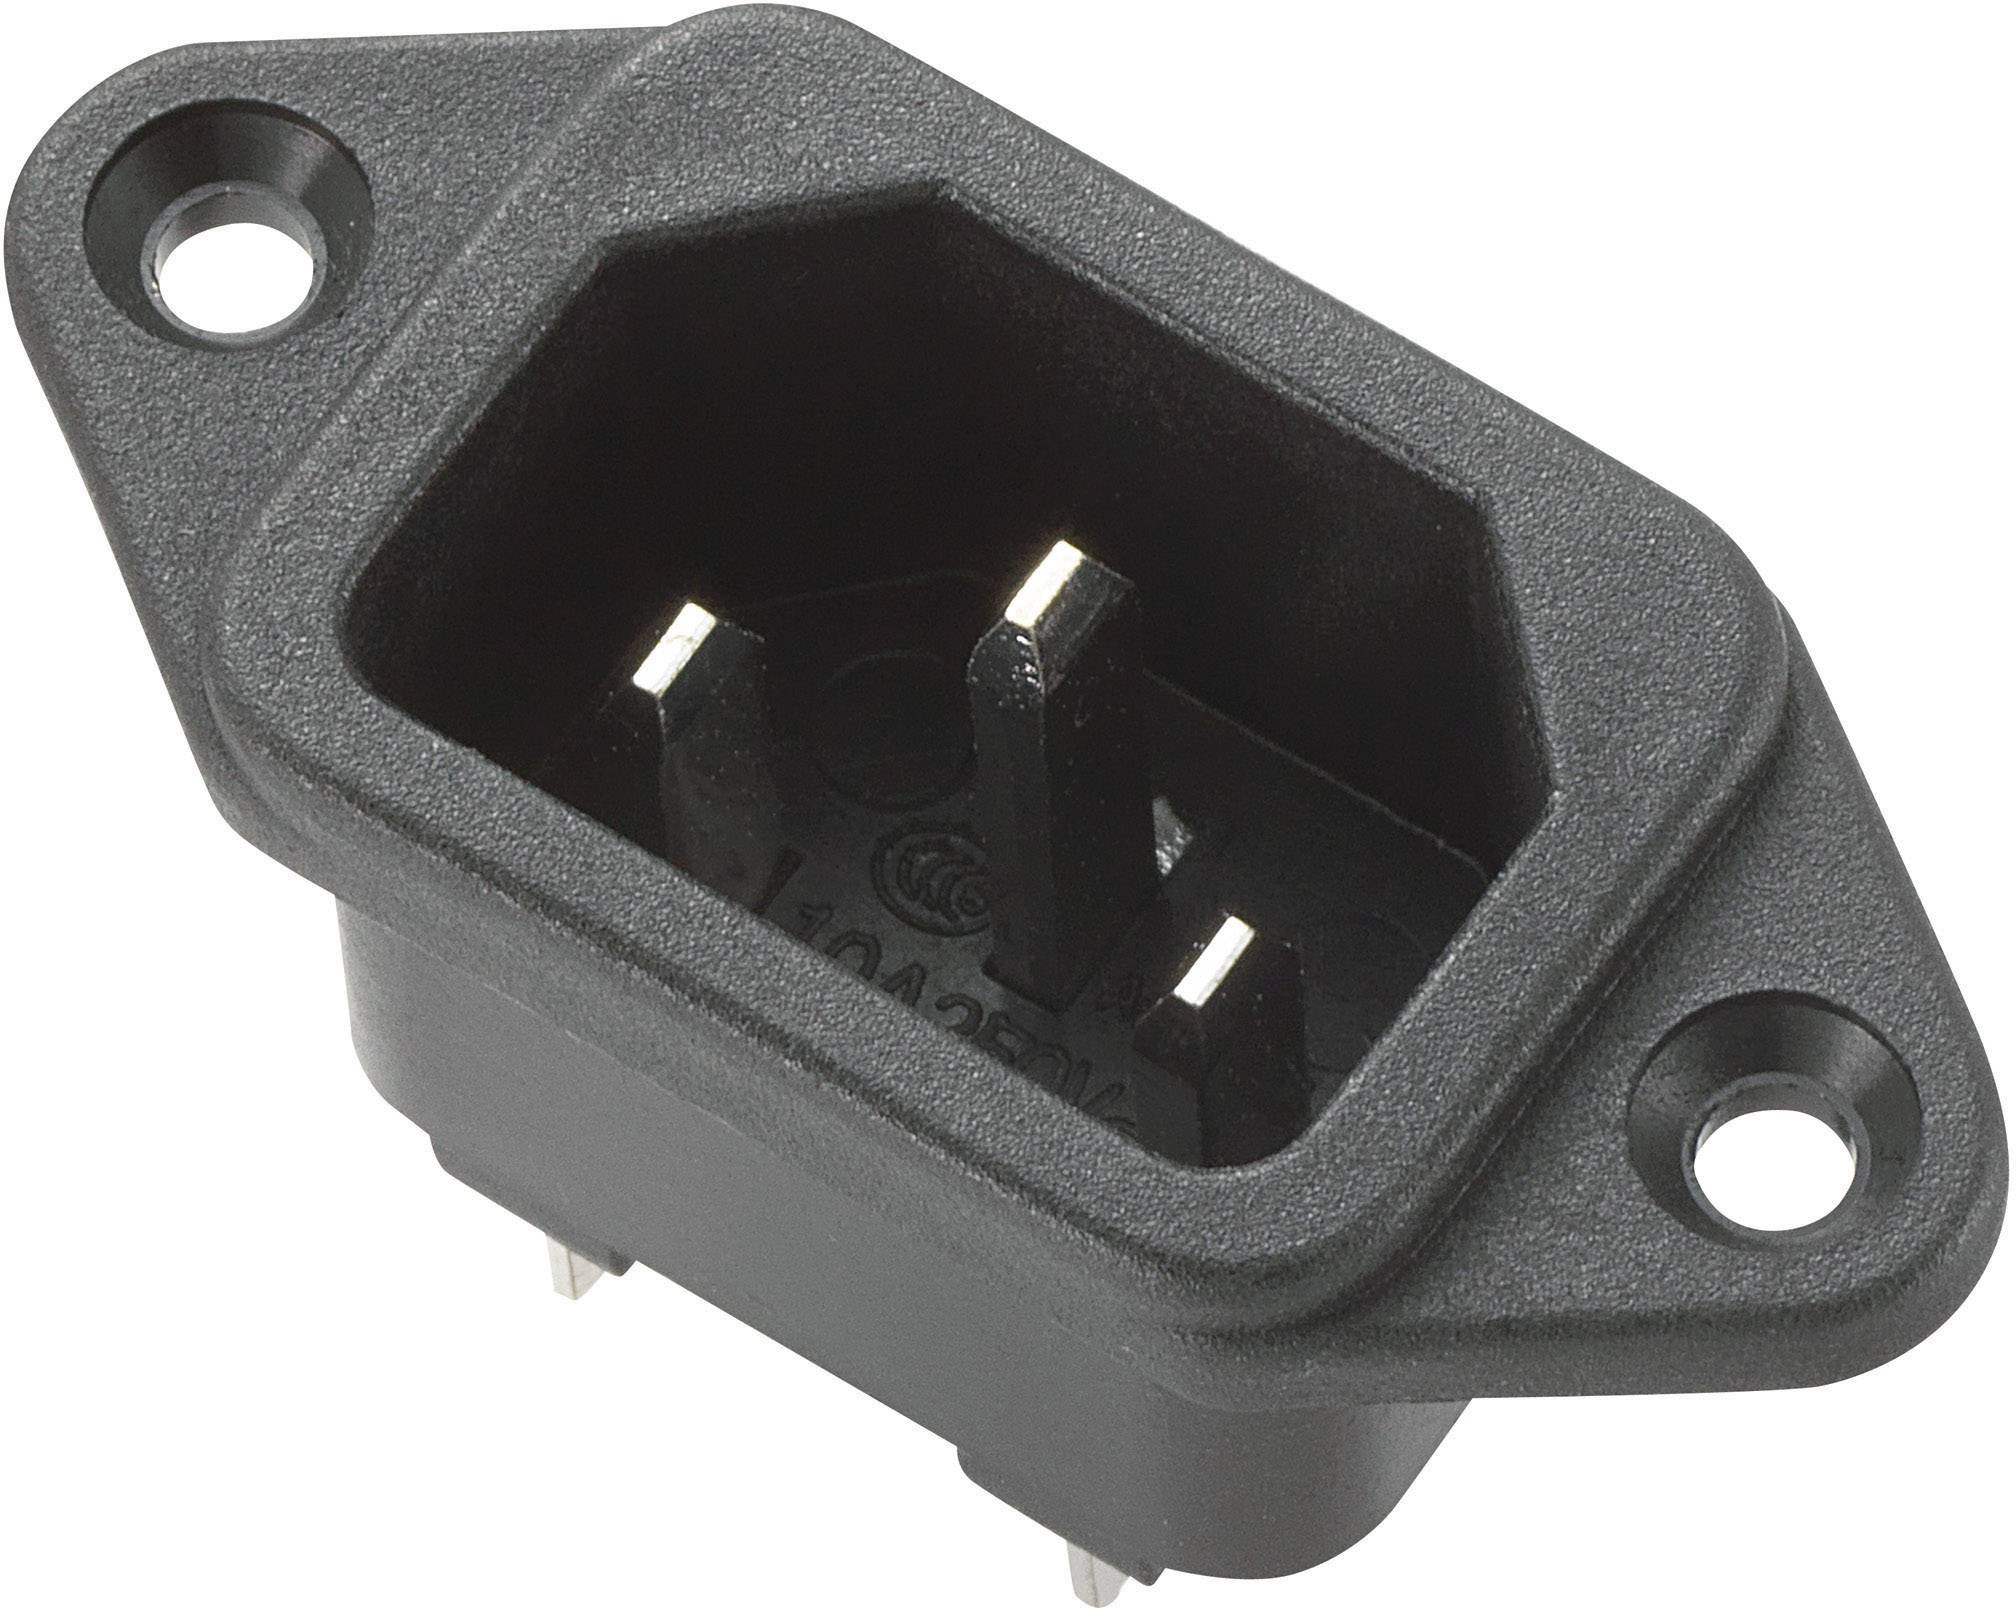 IEC zástrčka C13/C14 C14, zástrčka, vstaviteľná vertikálna, počet kontaktov: 2 + PE, 10 A, 250 V, čierna, 1 ks